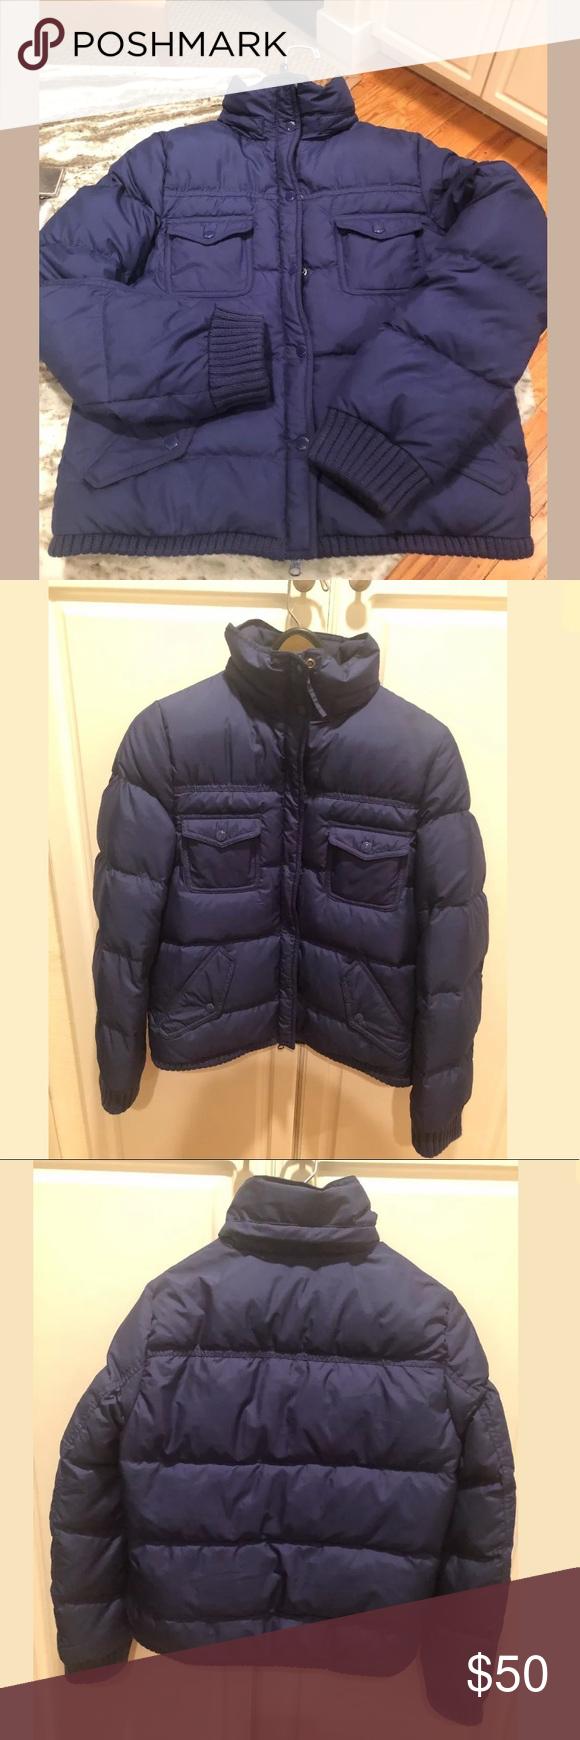 J Crew Sherpa Fleece Lined Puffer Jacket Medium Puffer Jackets Puffer Jackets [ 1740 x 580 Pixel ]